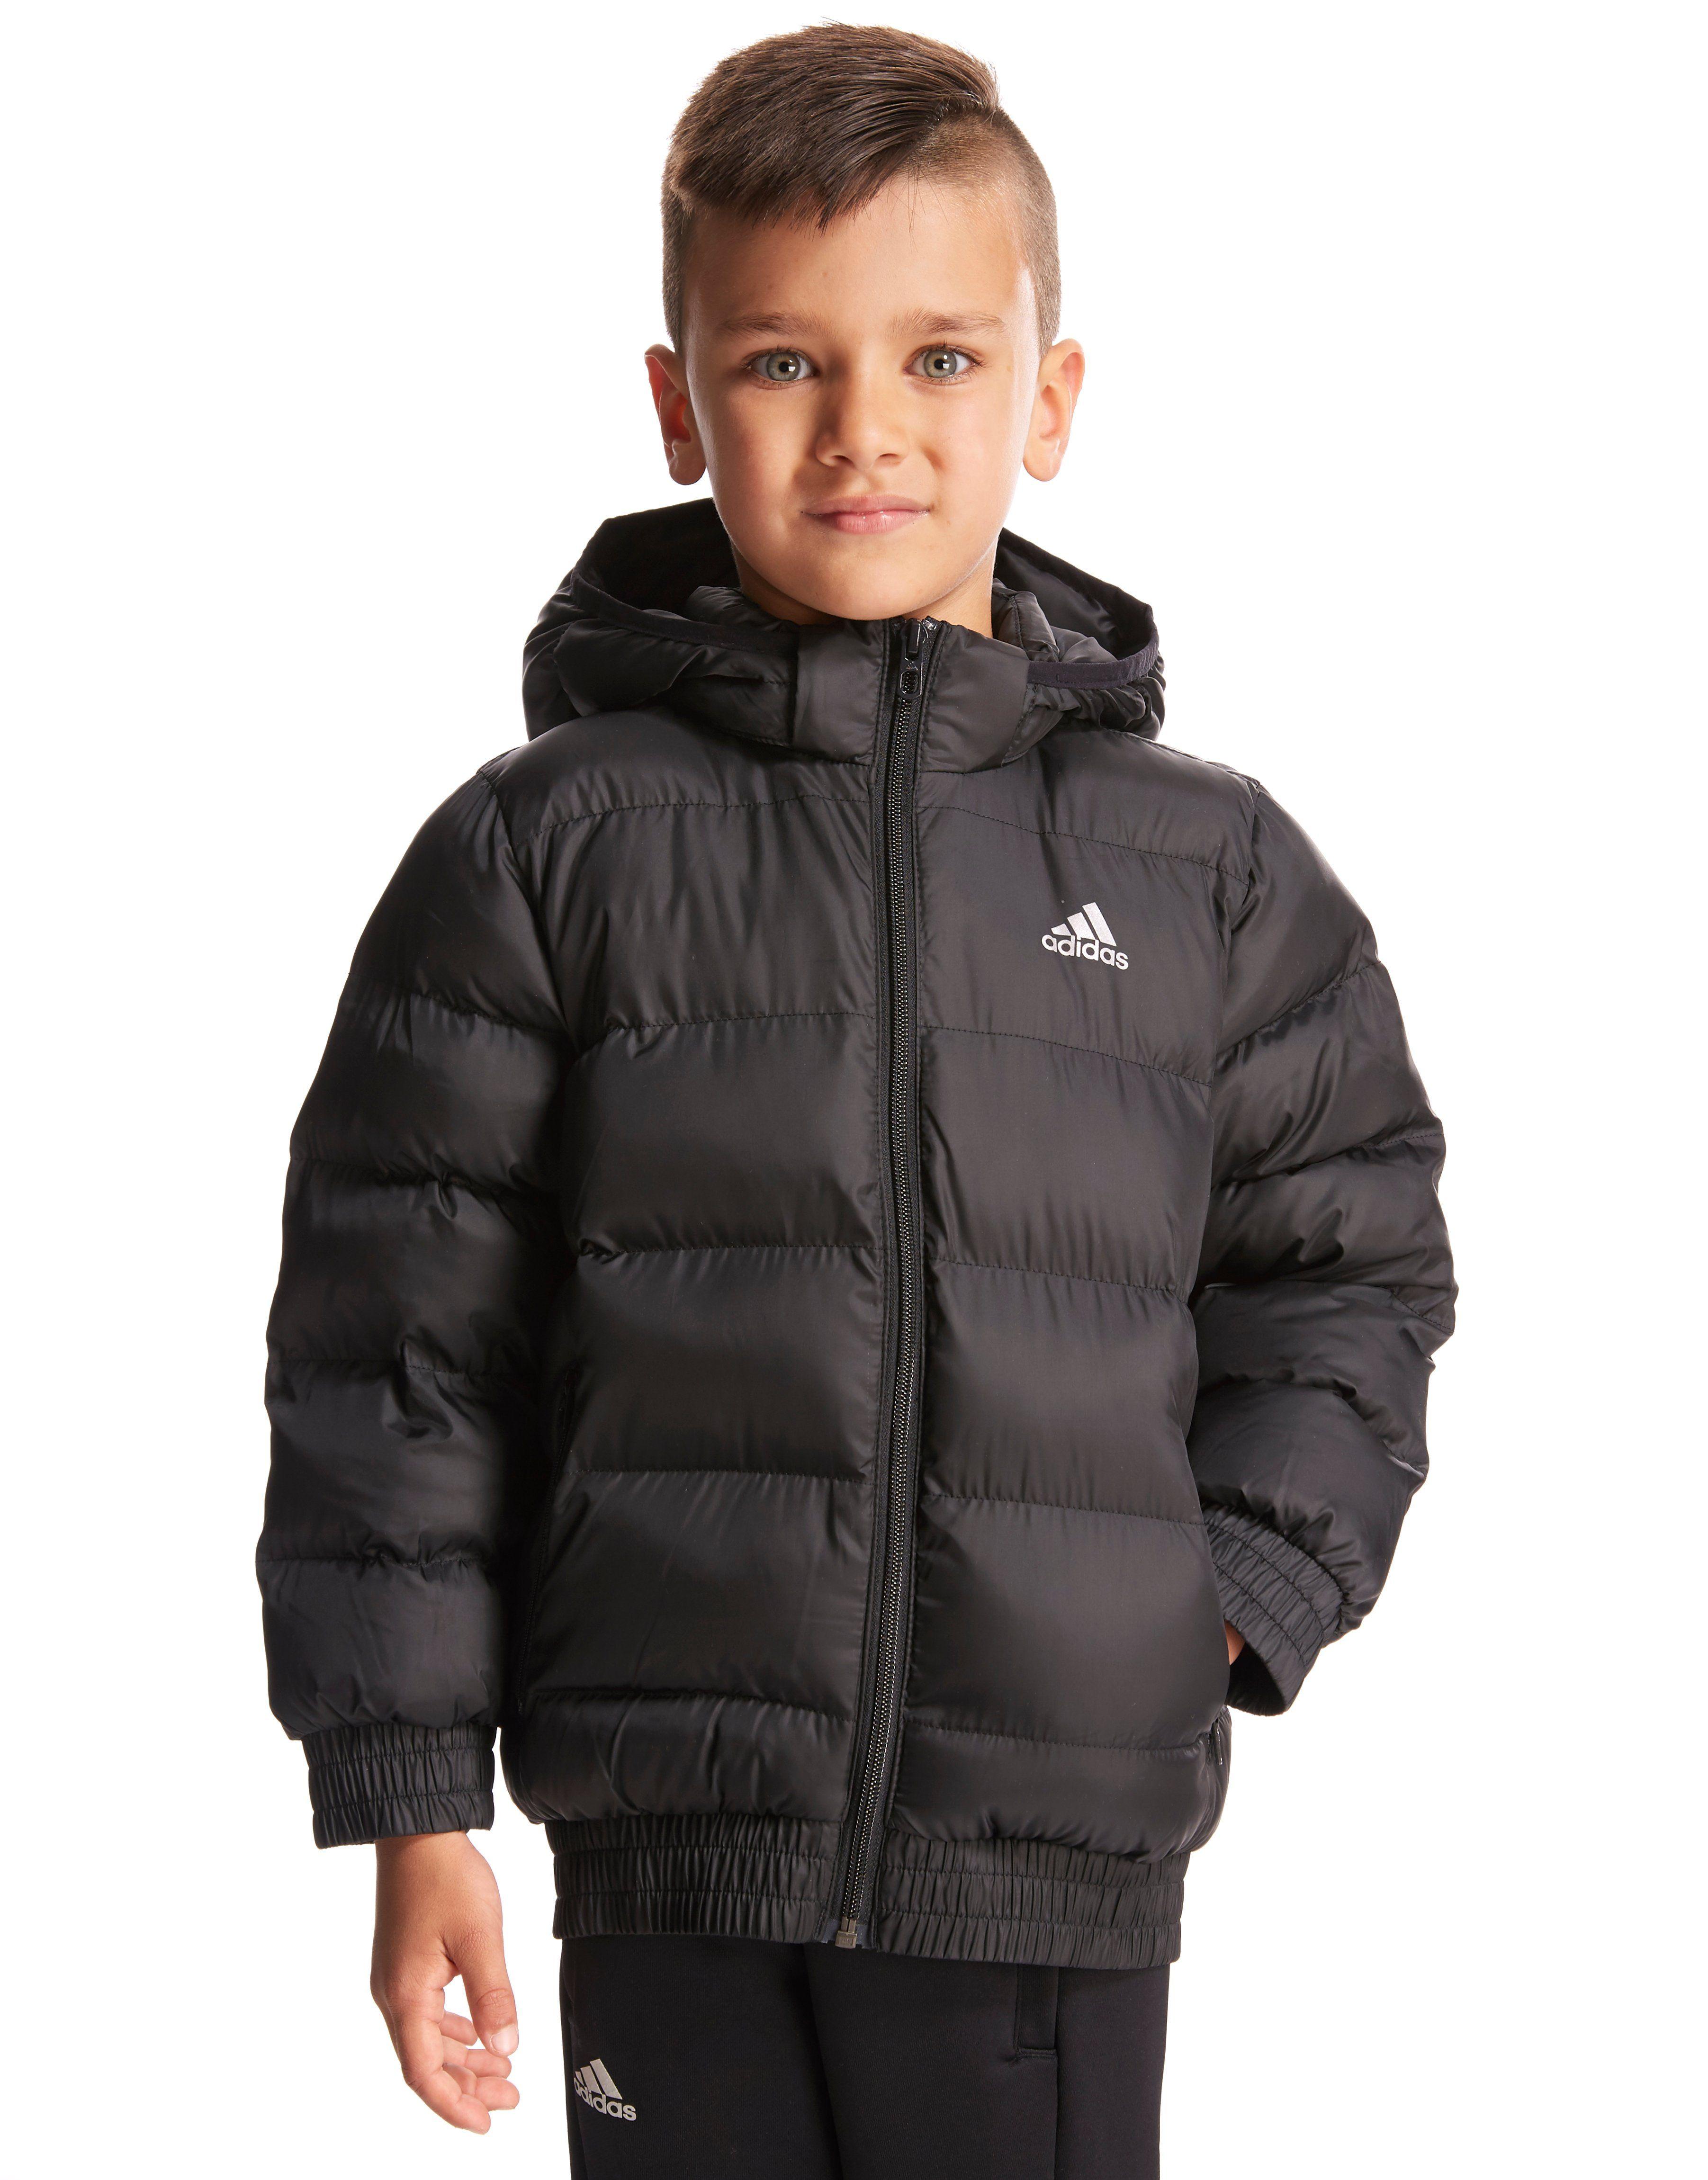 jackets kids jd sports #1: jd a qlt 80